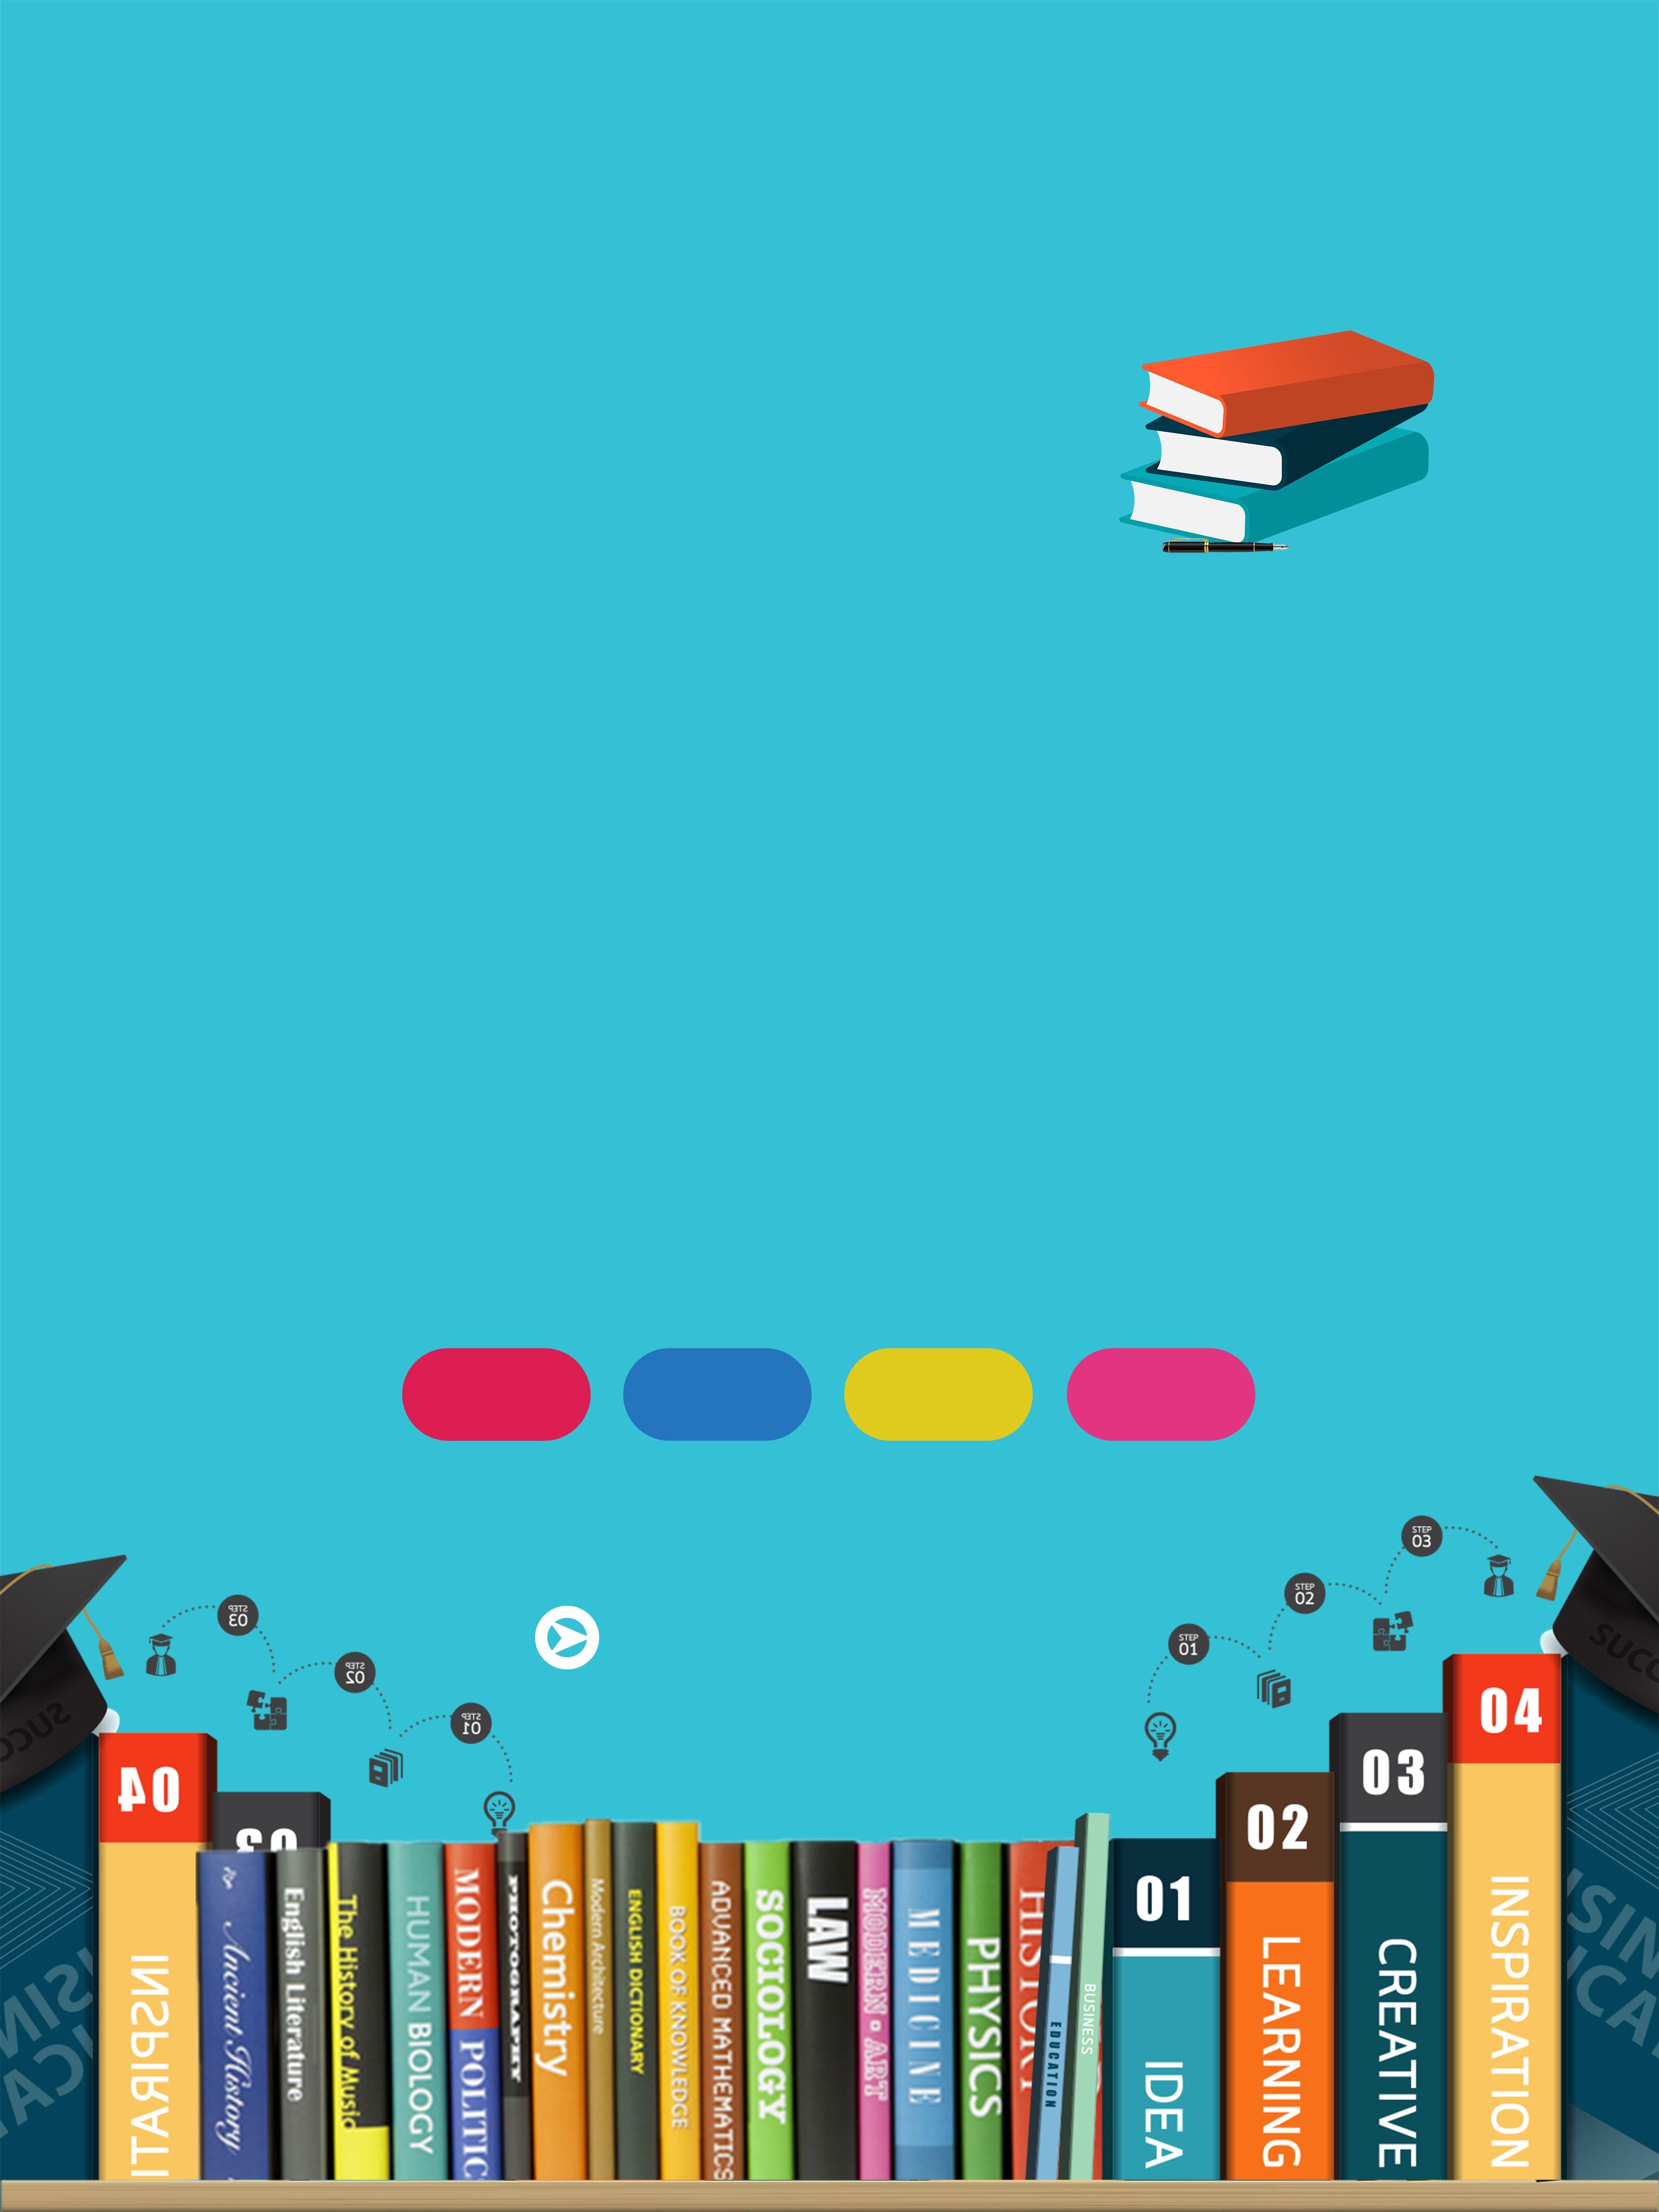 Gambar Latar Belakang Power Point : gambar, latar, belakang, power, point, Latar, Belakang, Iklan, Segar, Ringkas, Buku,, Belakang,, Tulis